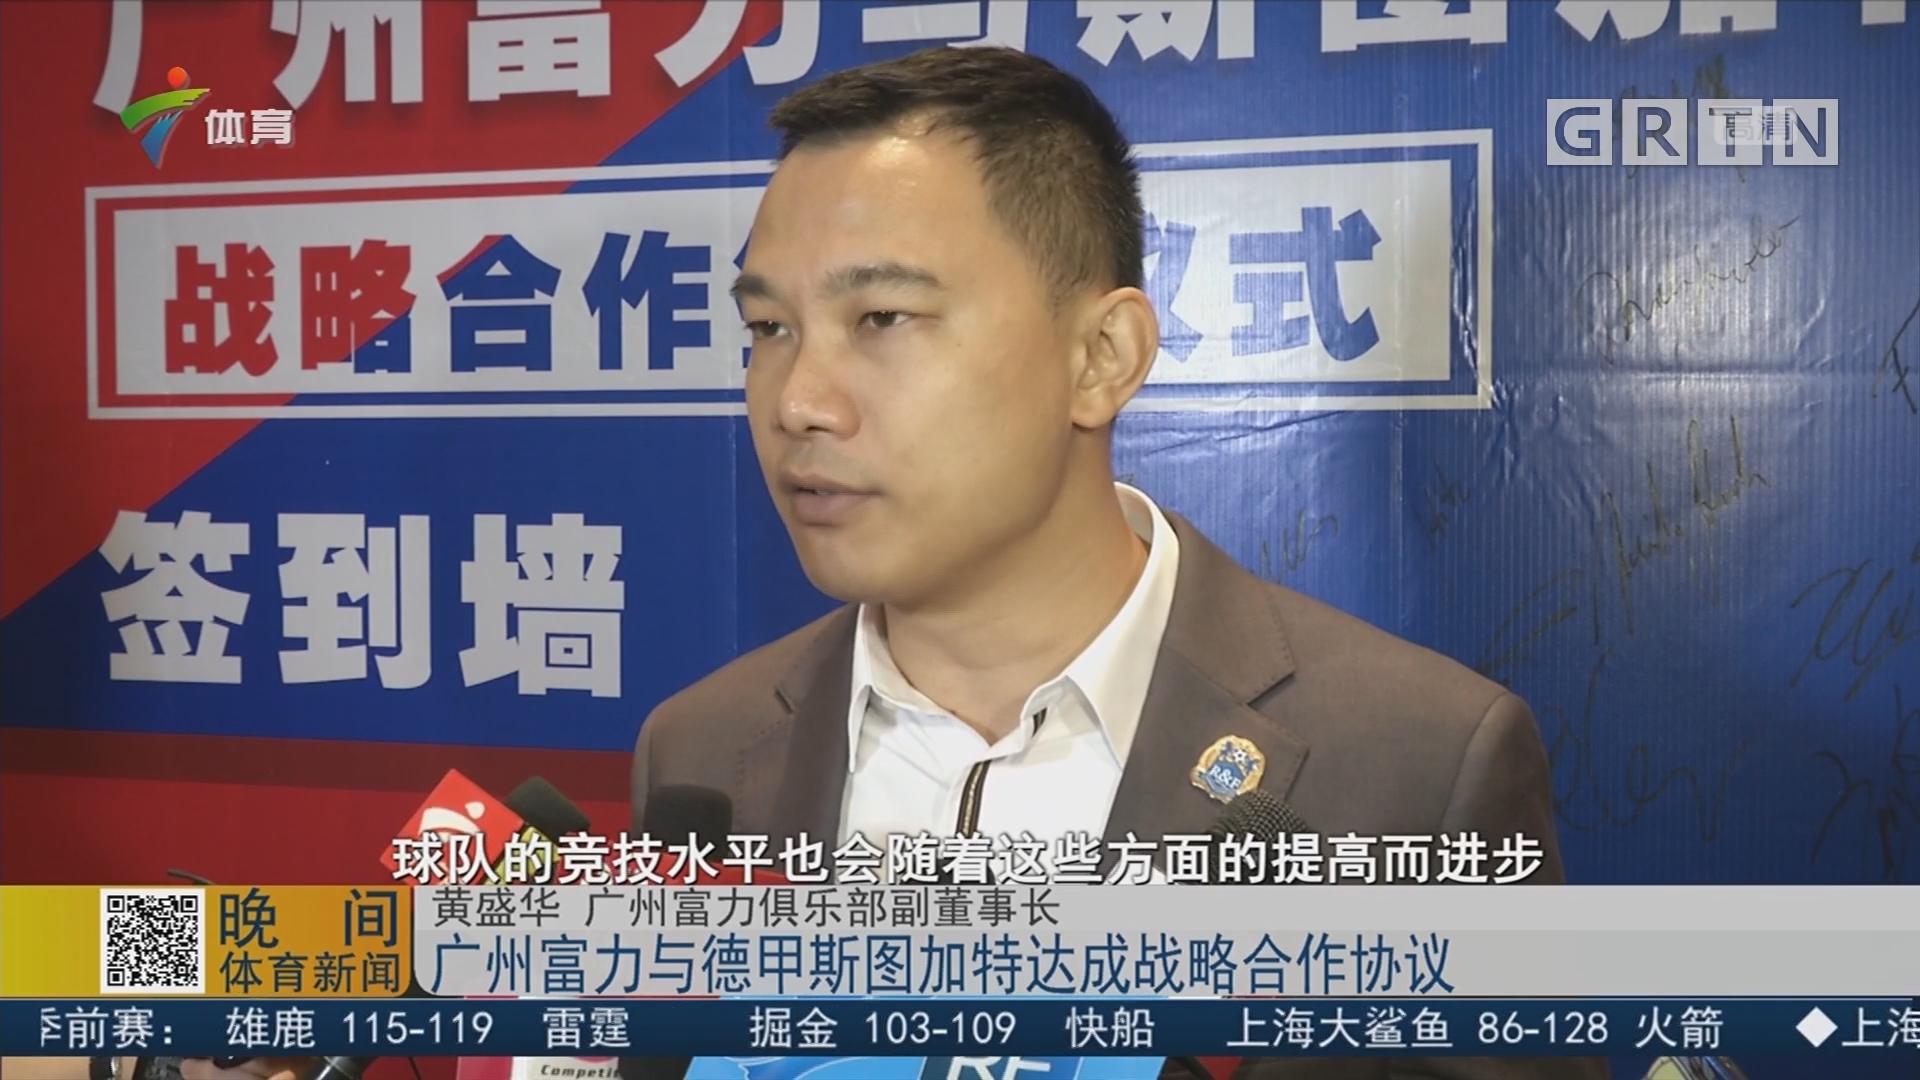 广州富力与德甲斯图加特达成战略合作协议